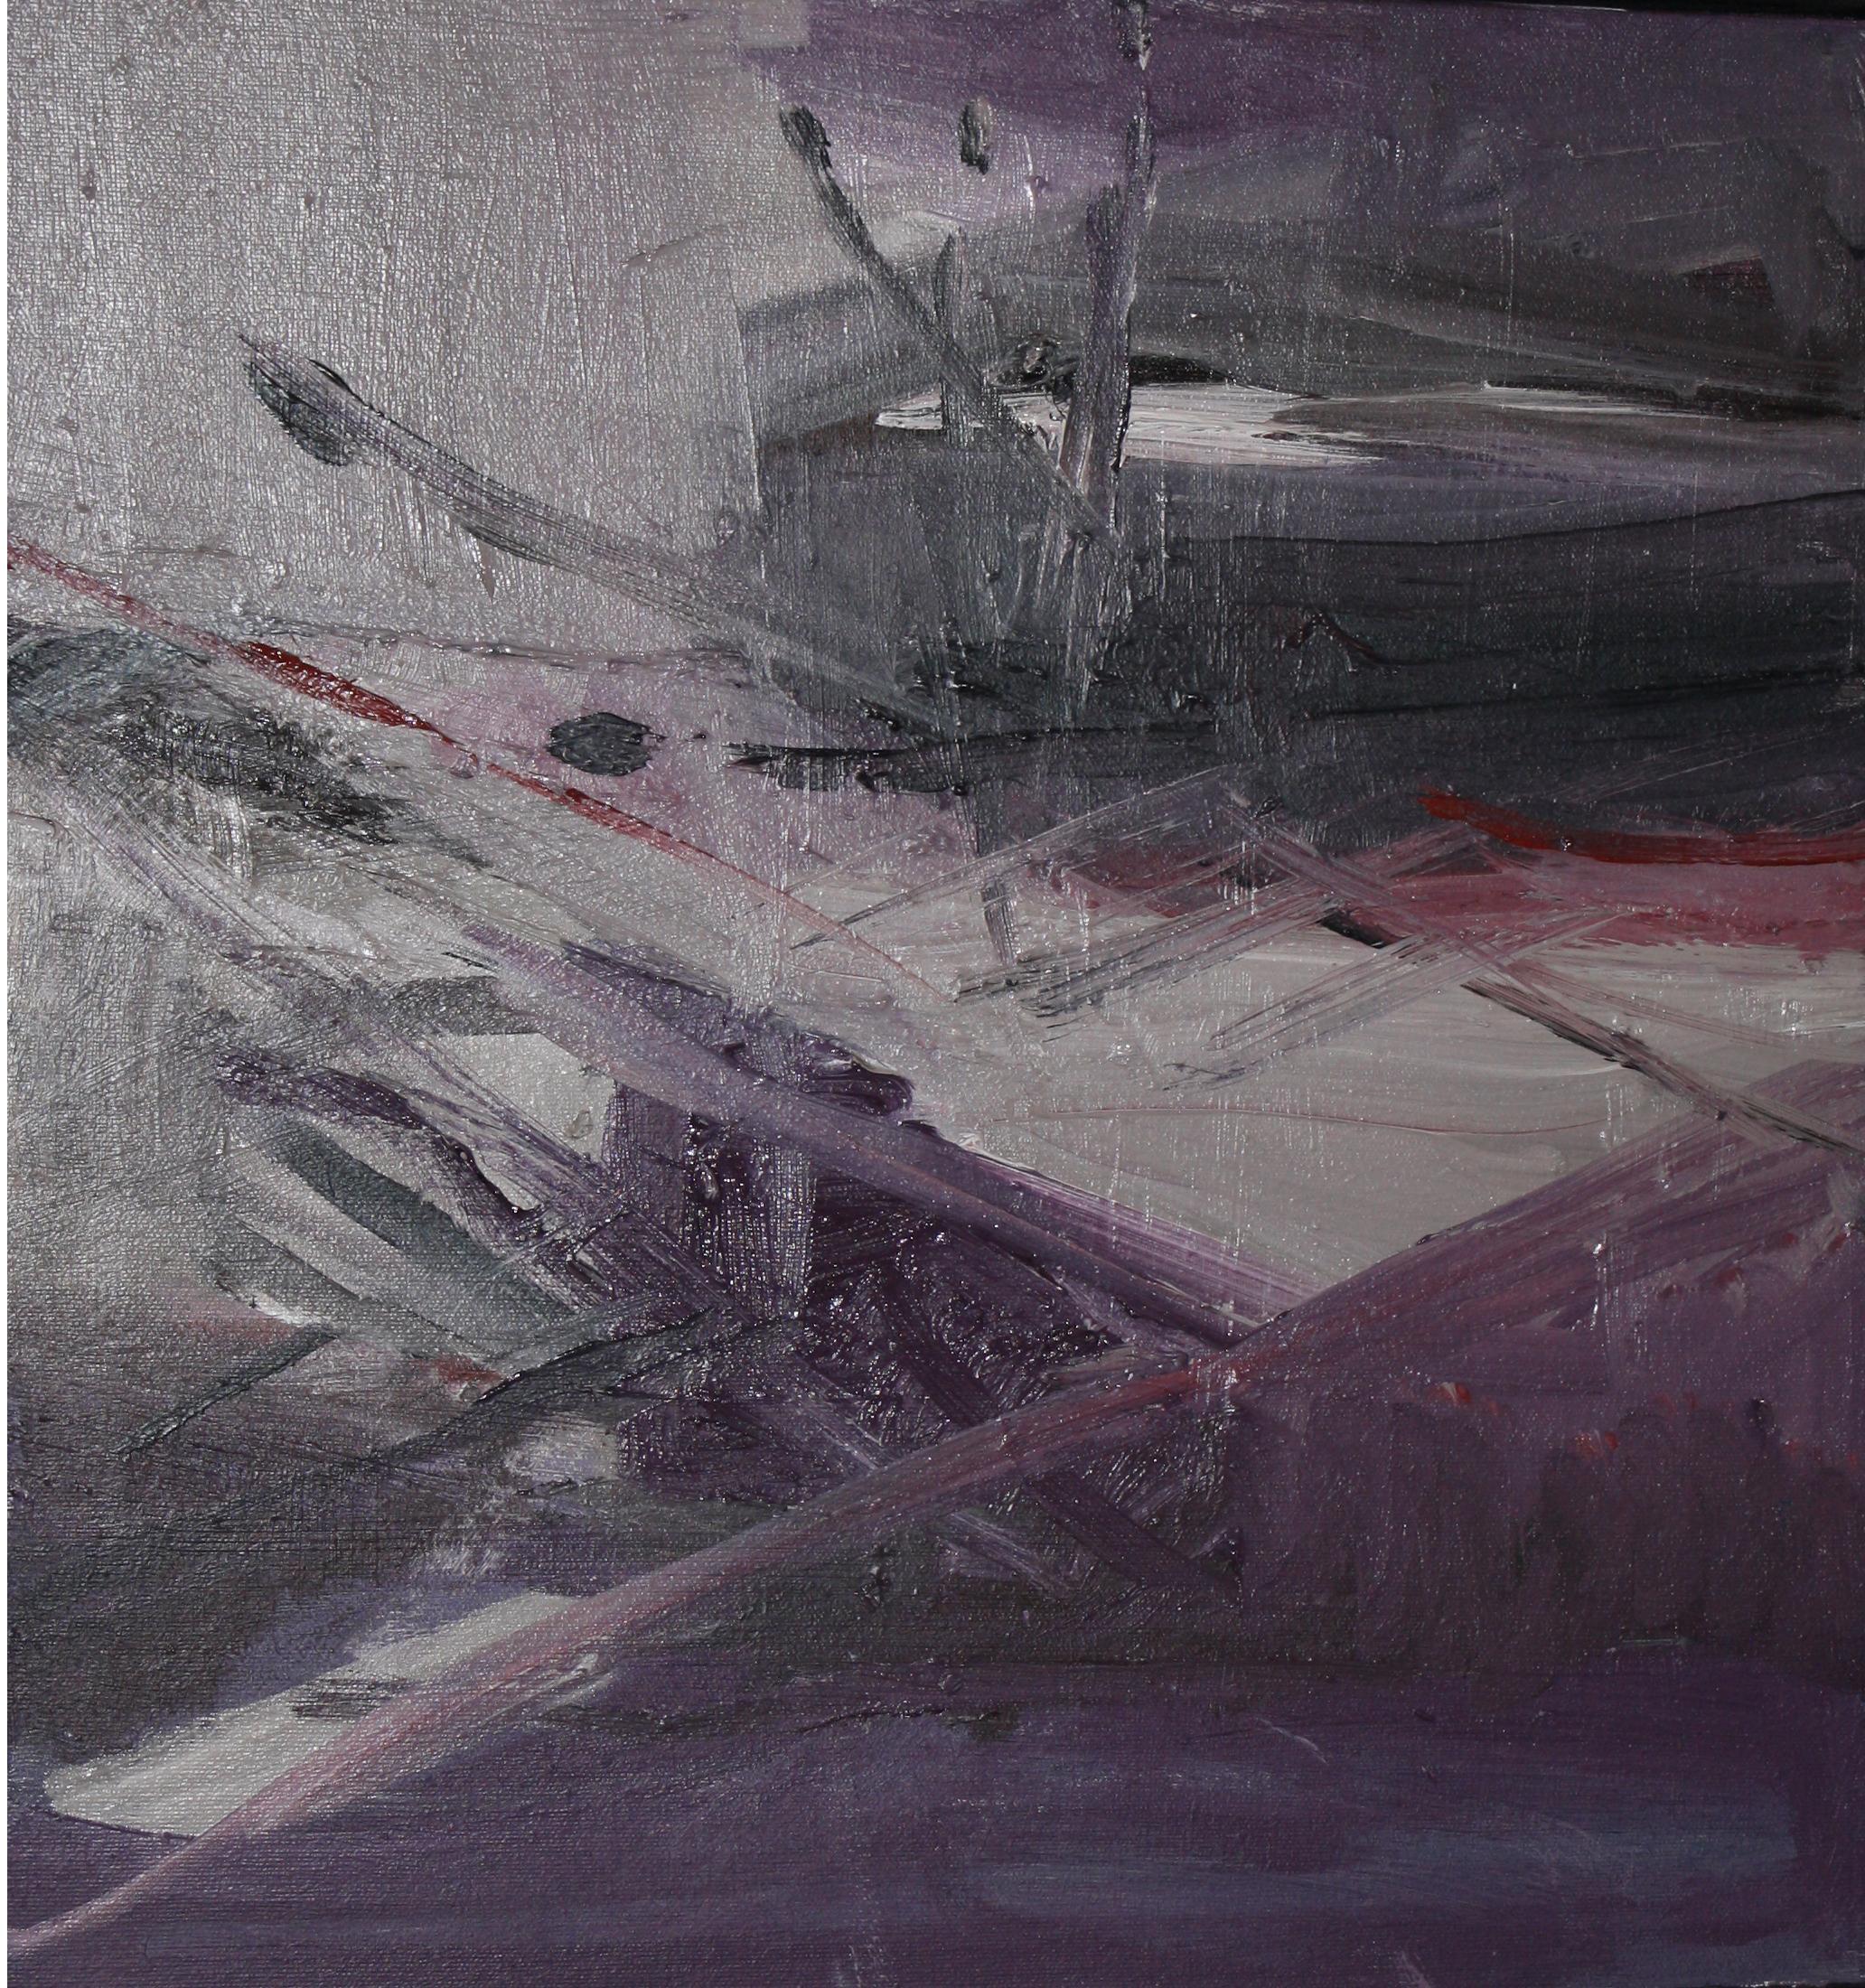 Painting_48_Lavender Spaces.jpg